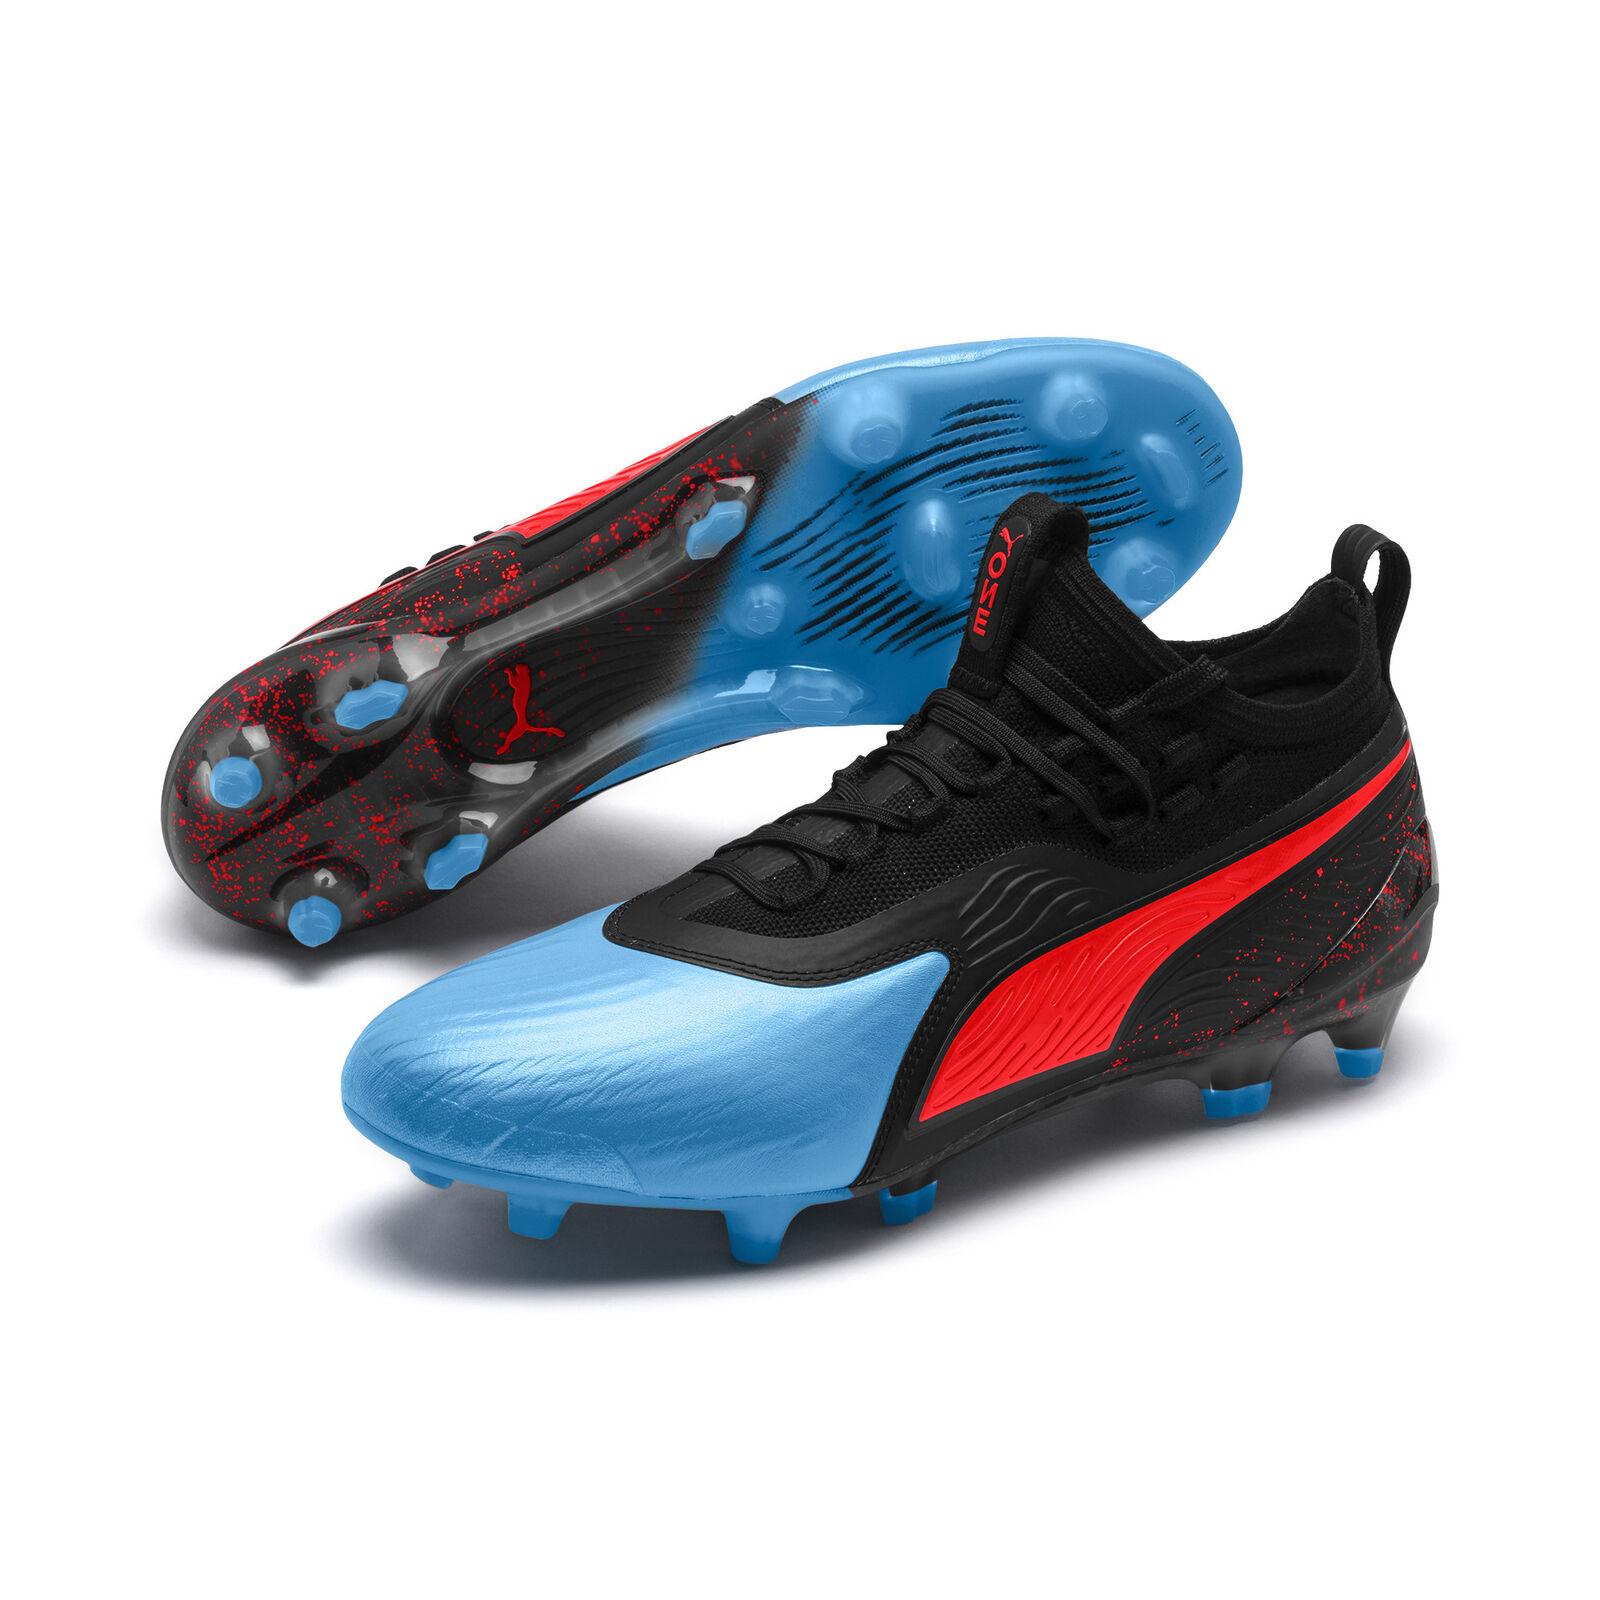 PUMA PUMA ONE 19.1 FG AG Hombre Zapatos Fútbol Nuevo